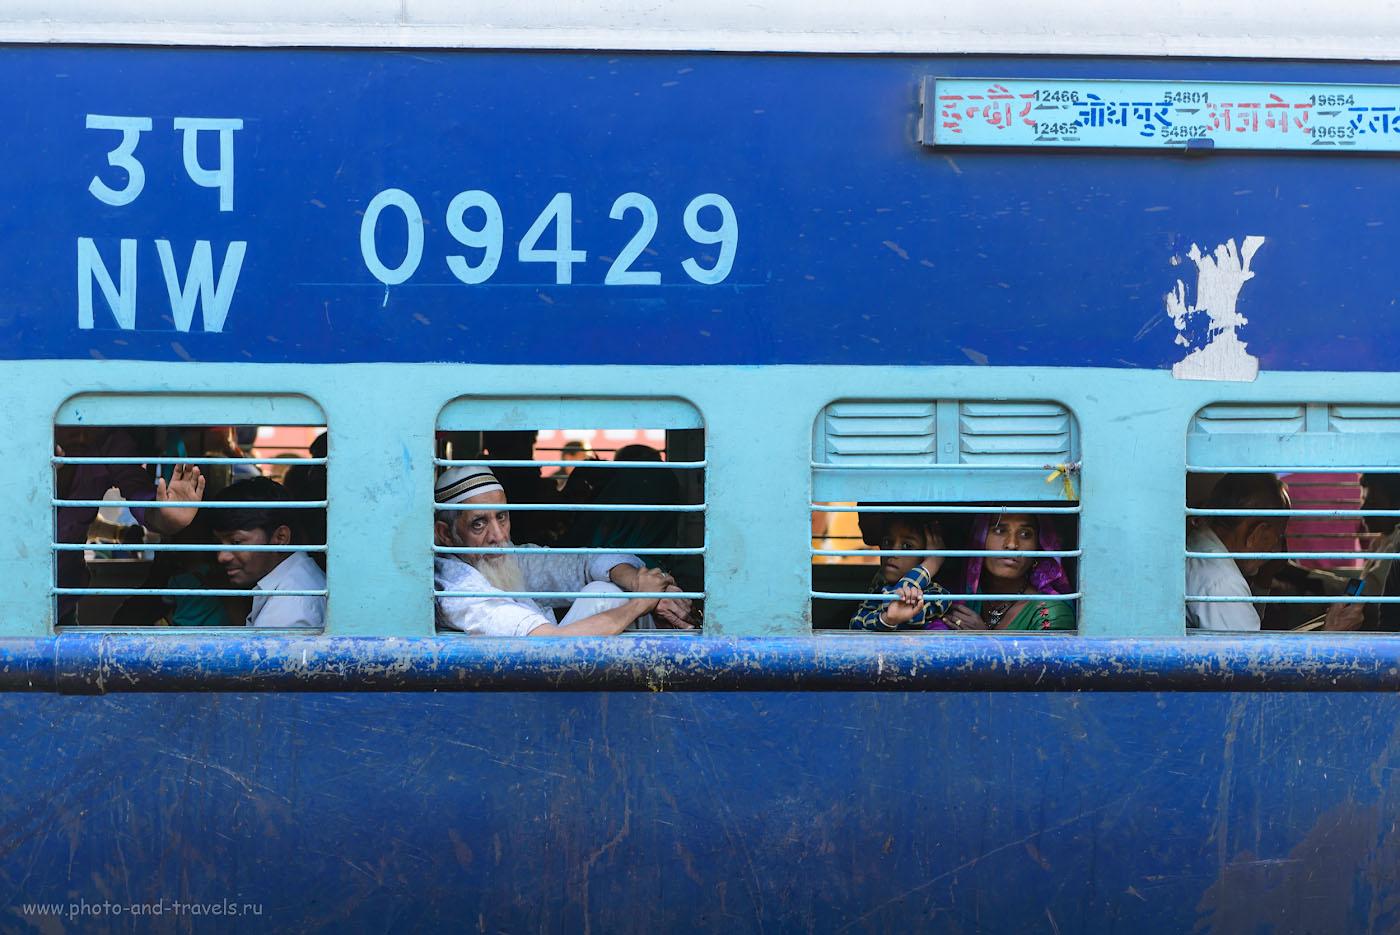 Фотография 19. Поезда в Индии очень колоритные. Сценка на вокзале в Джайпуре. 1/160, 0.33, 3.2, 220, 70.